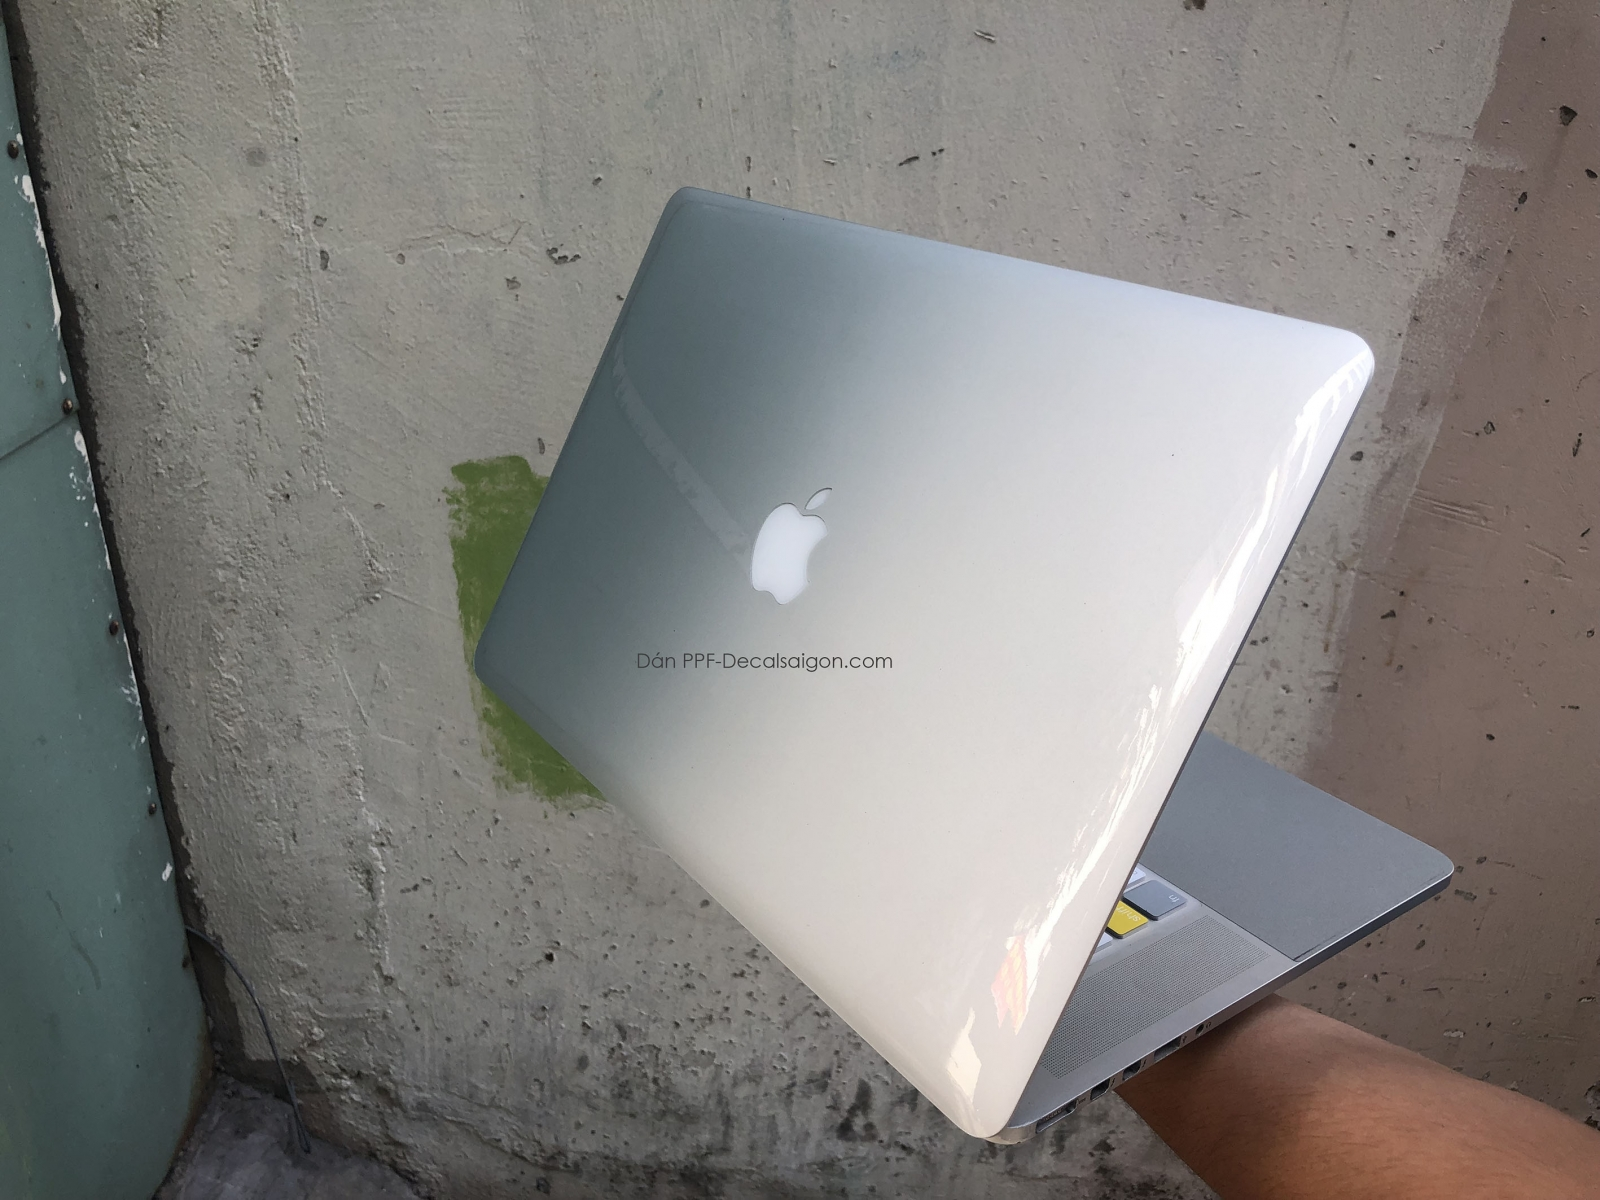 Miếng Dán Trong PPF Bảo Vệ Mặt Sơn Laptop